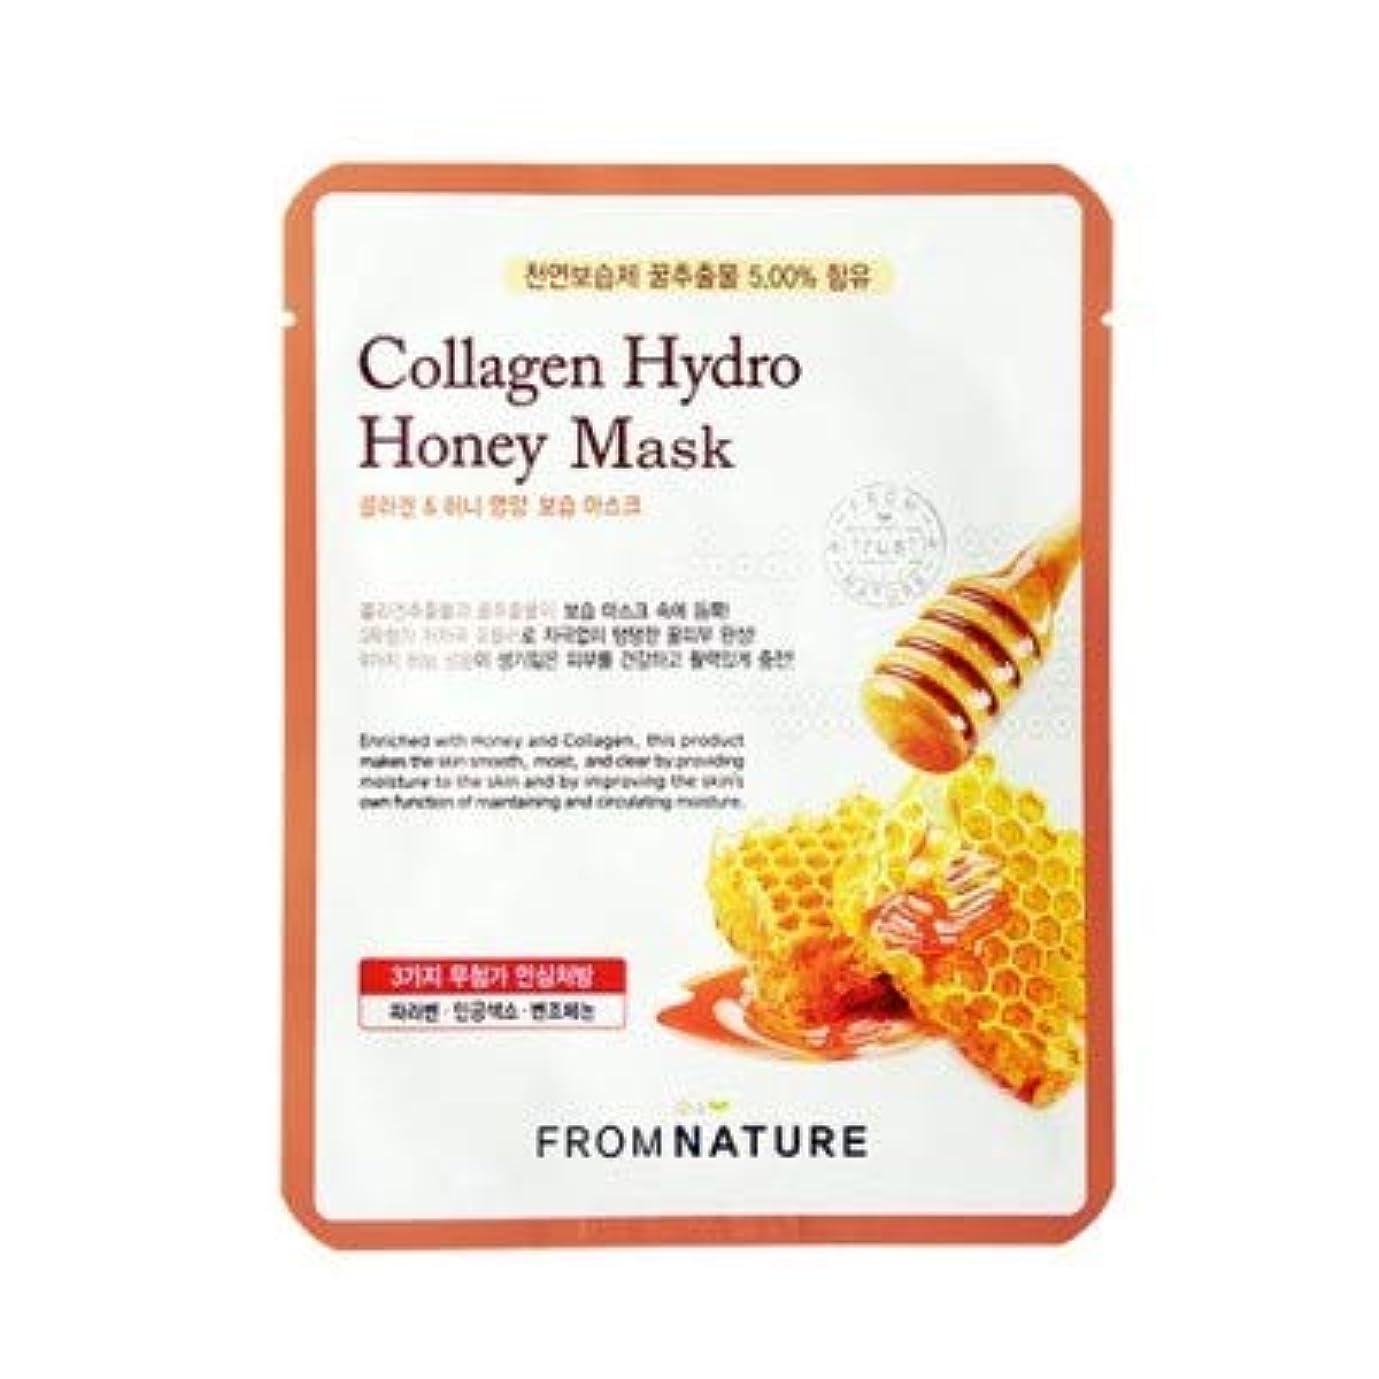 非公式サイトライン溶岩FROMNATURE フロムネイチャー コラーゲン ハイドロ ハニー マスク Collagen Hydro Honey Mask 【10枚セット】